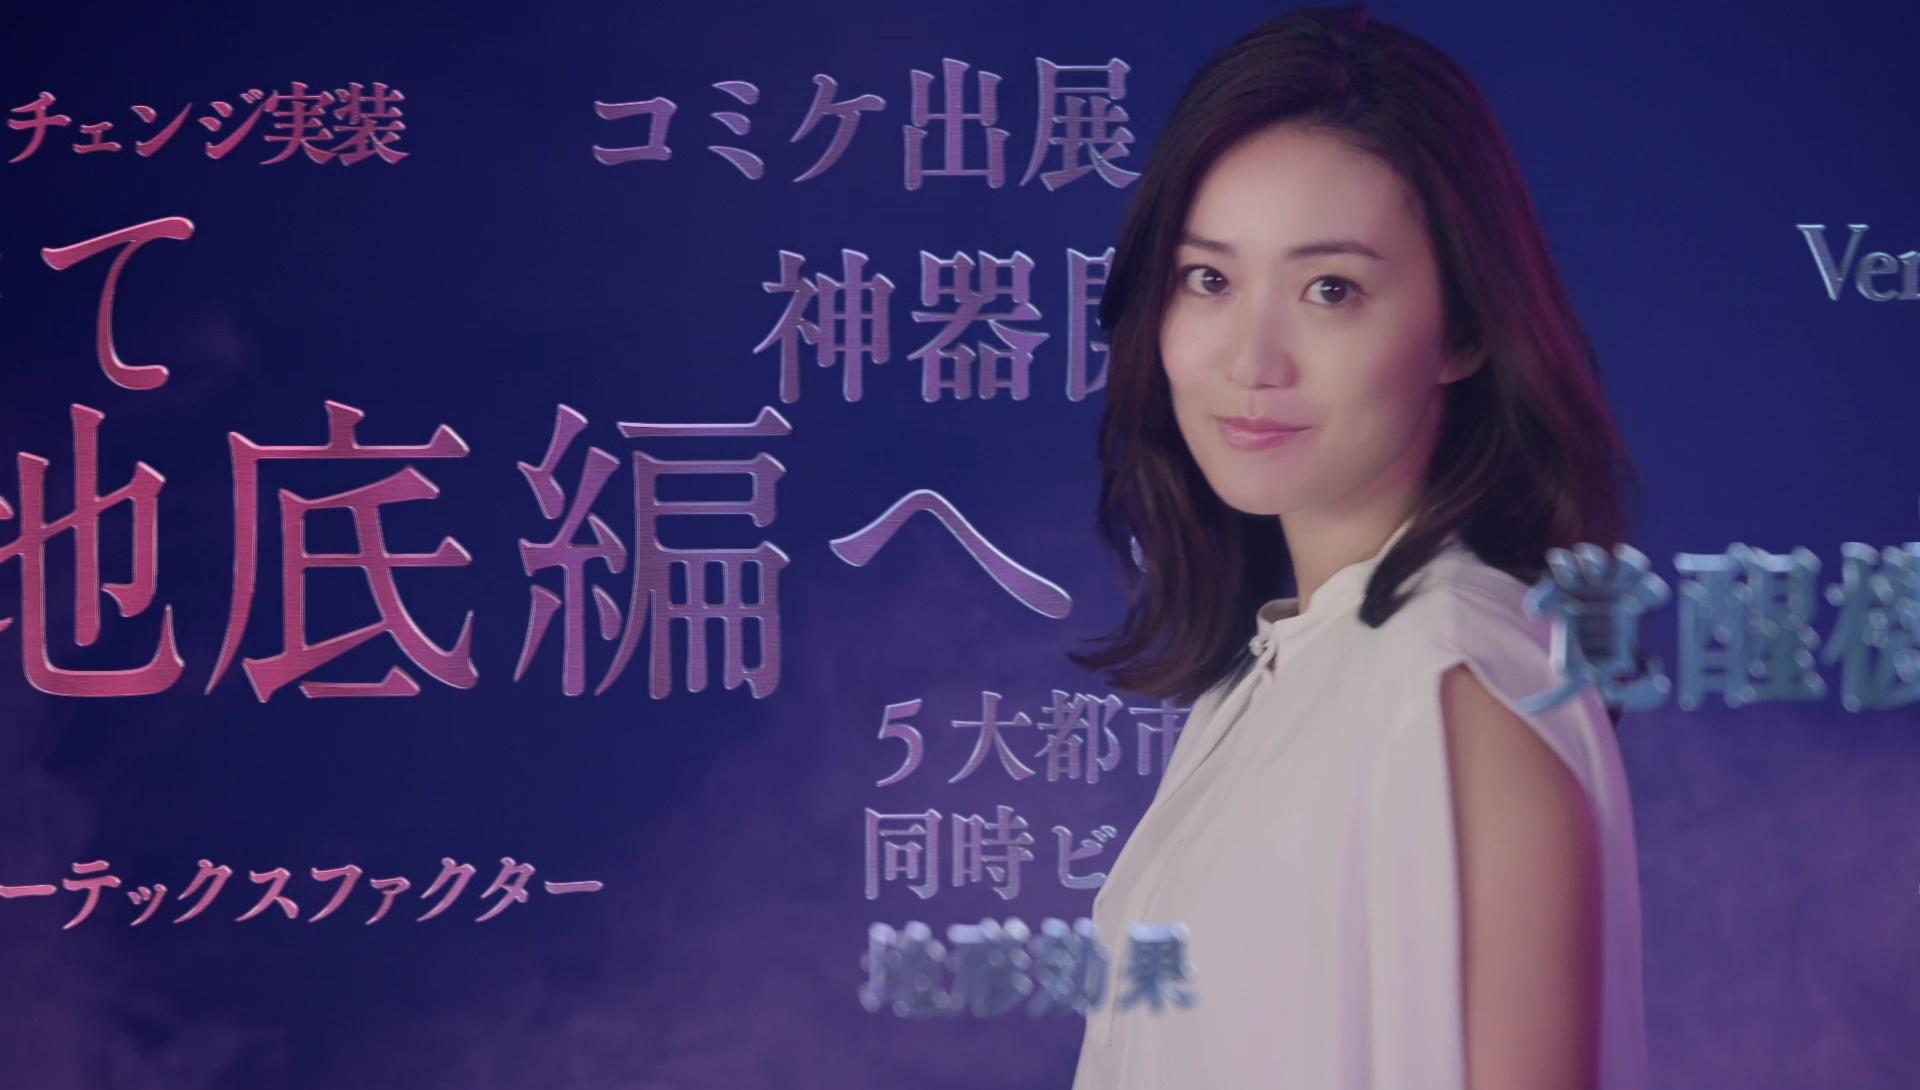 大島優子出演のCM